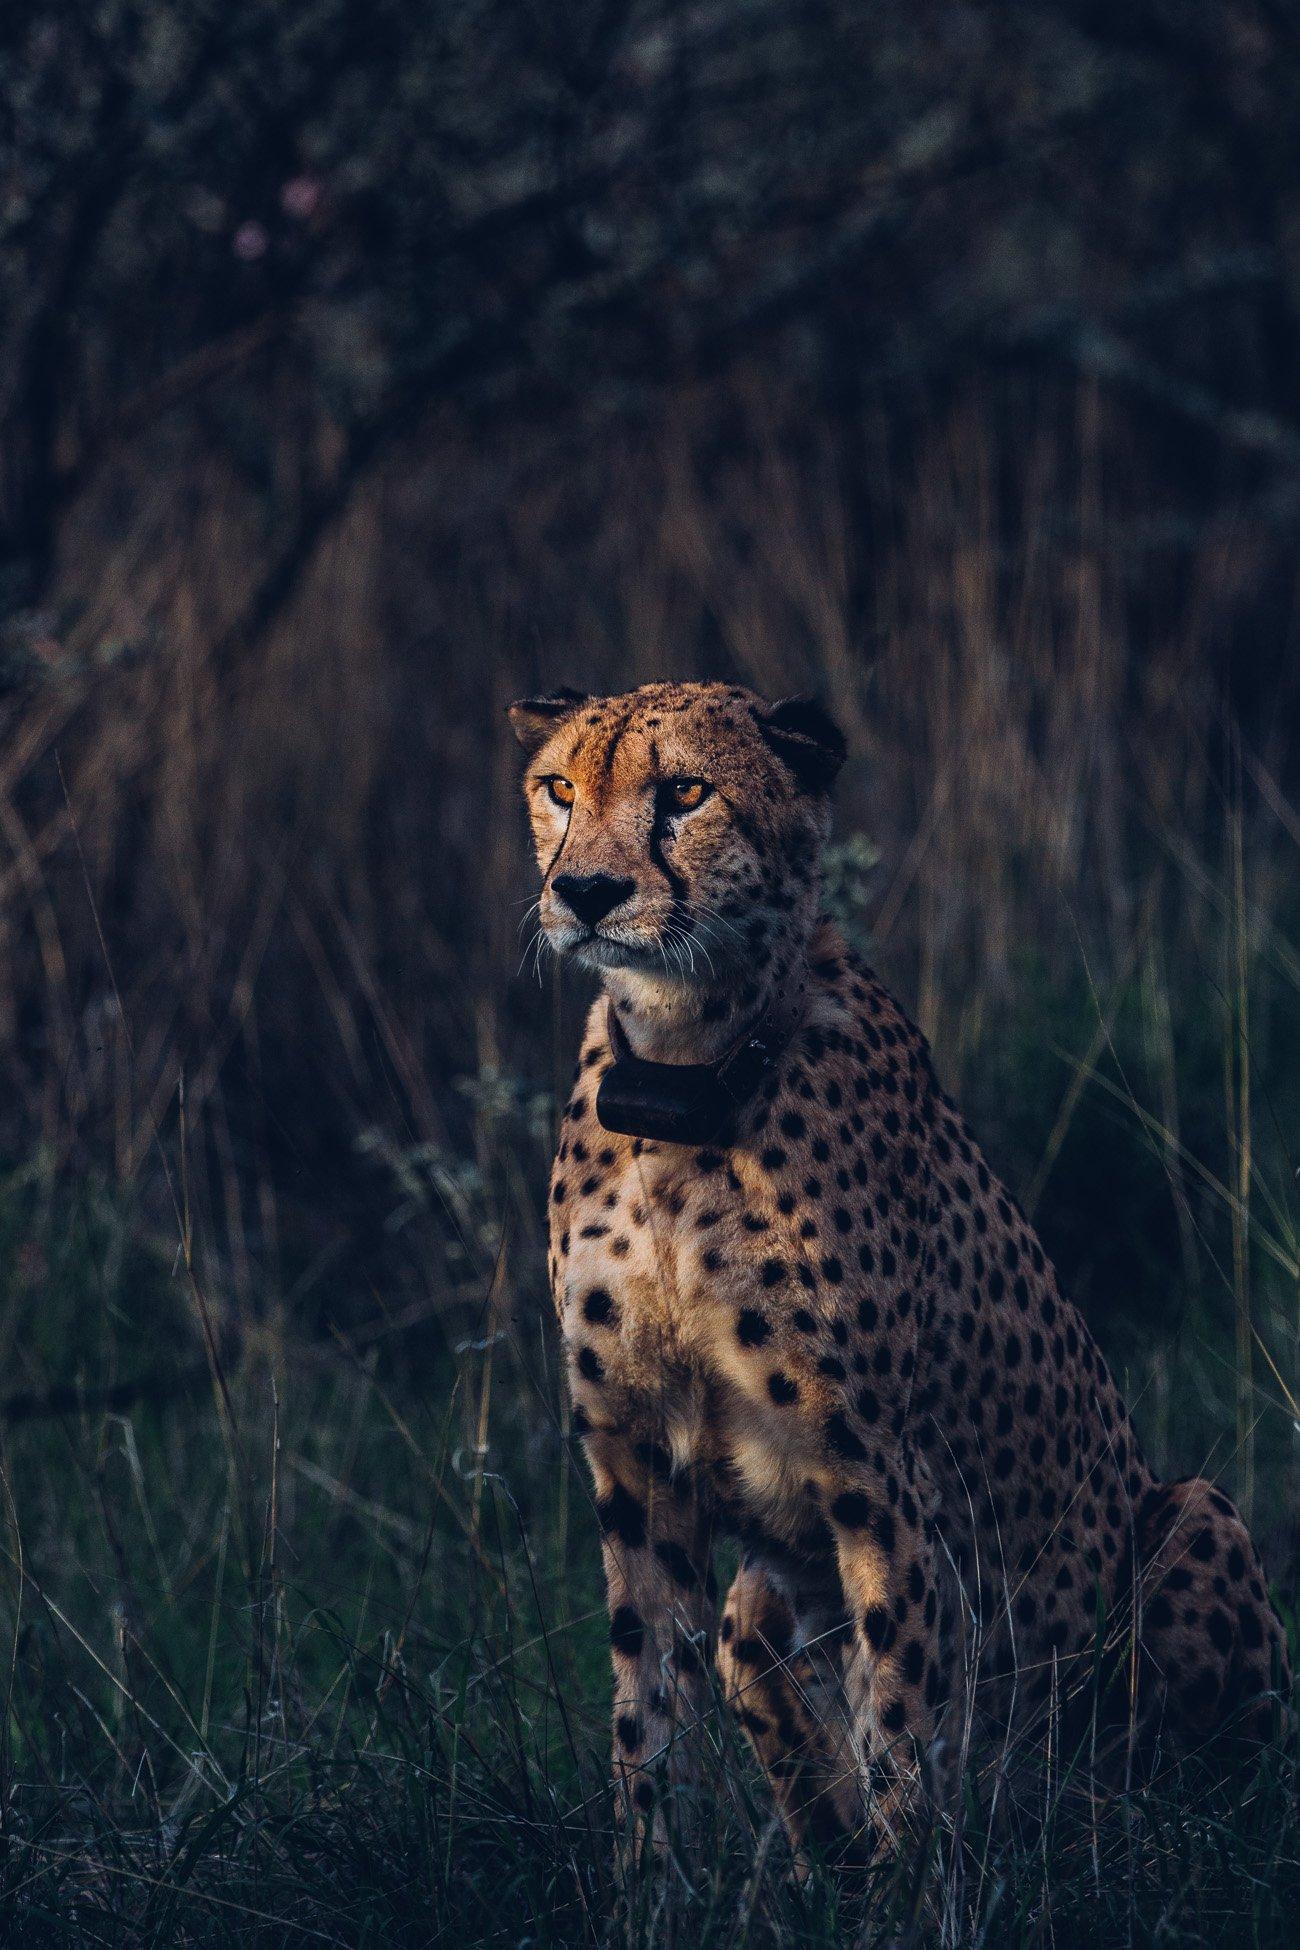 Cheetah at a Safari in Namibia